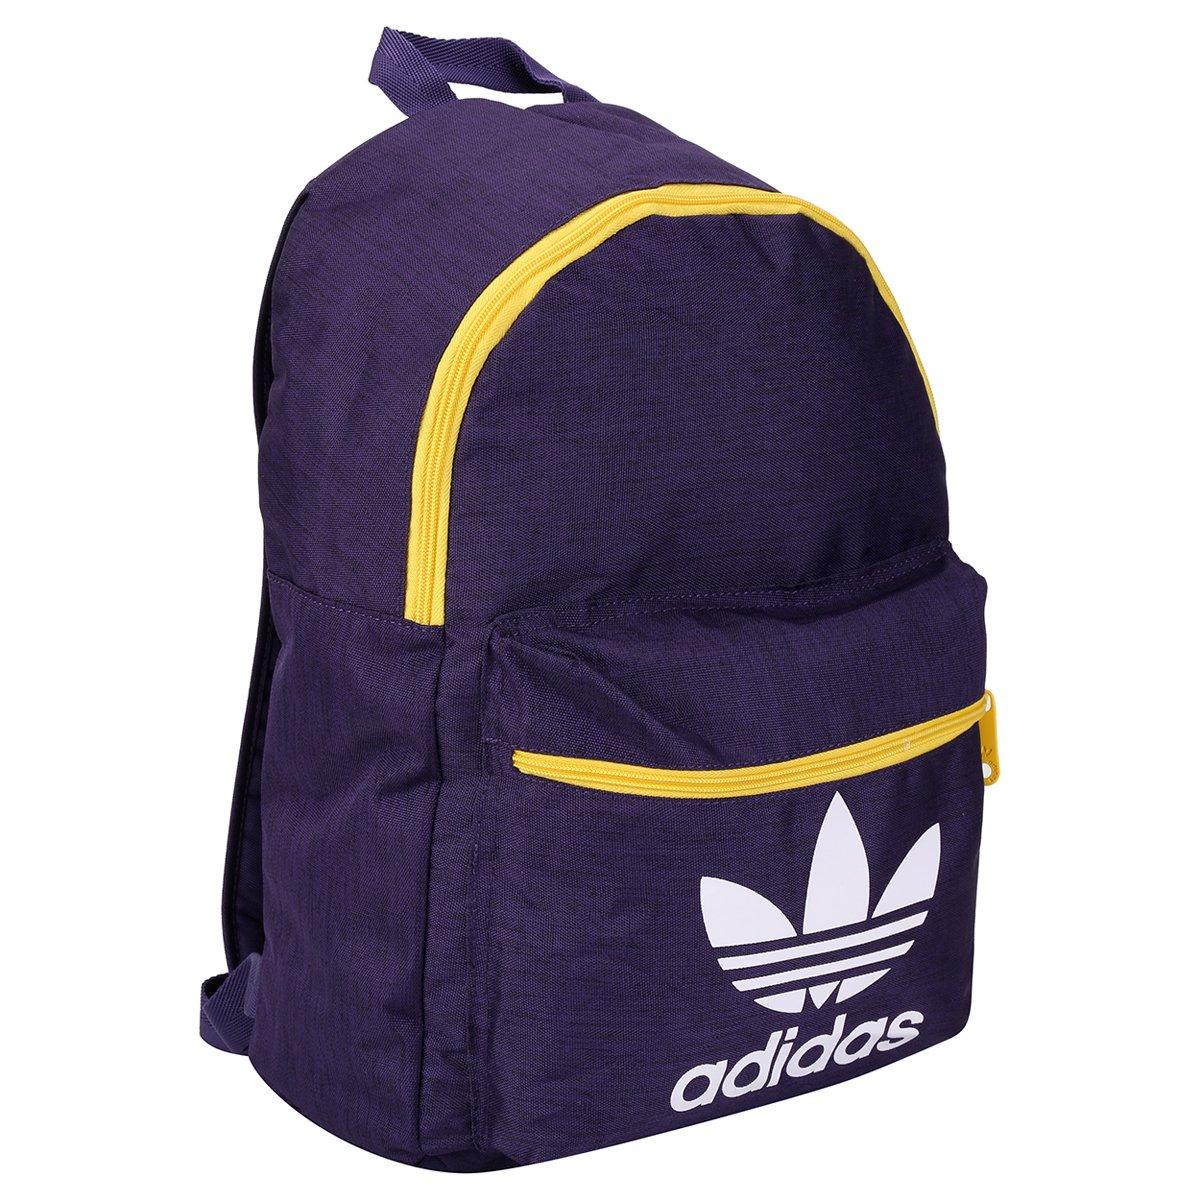 40a7a8e32a Mochila Adidas Originals Classic Adicolor  Mochila Adidas Originals Classic  Adicolor ...